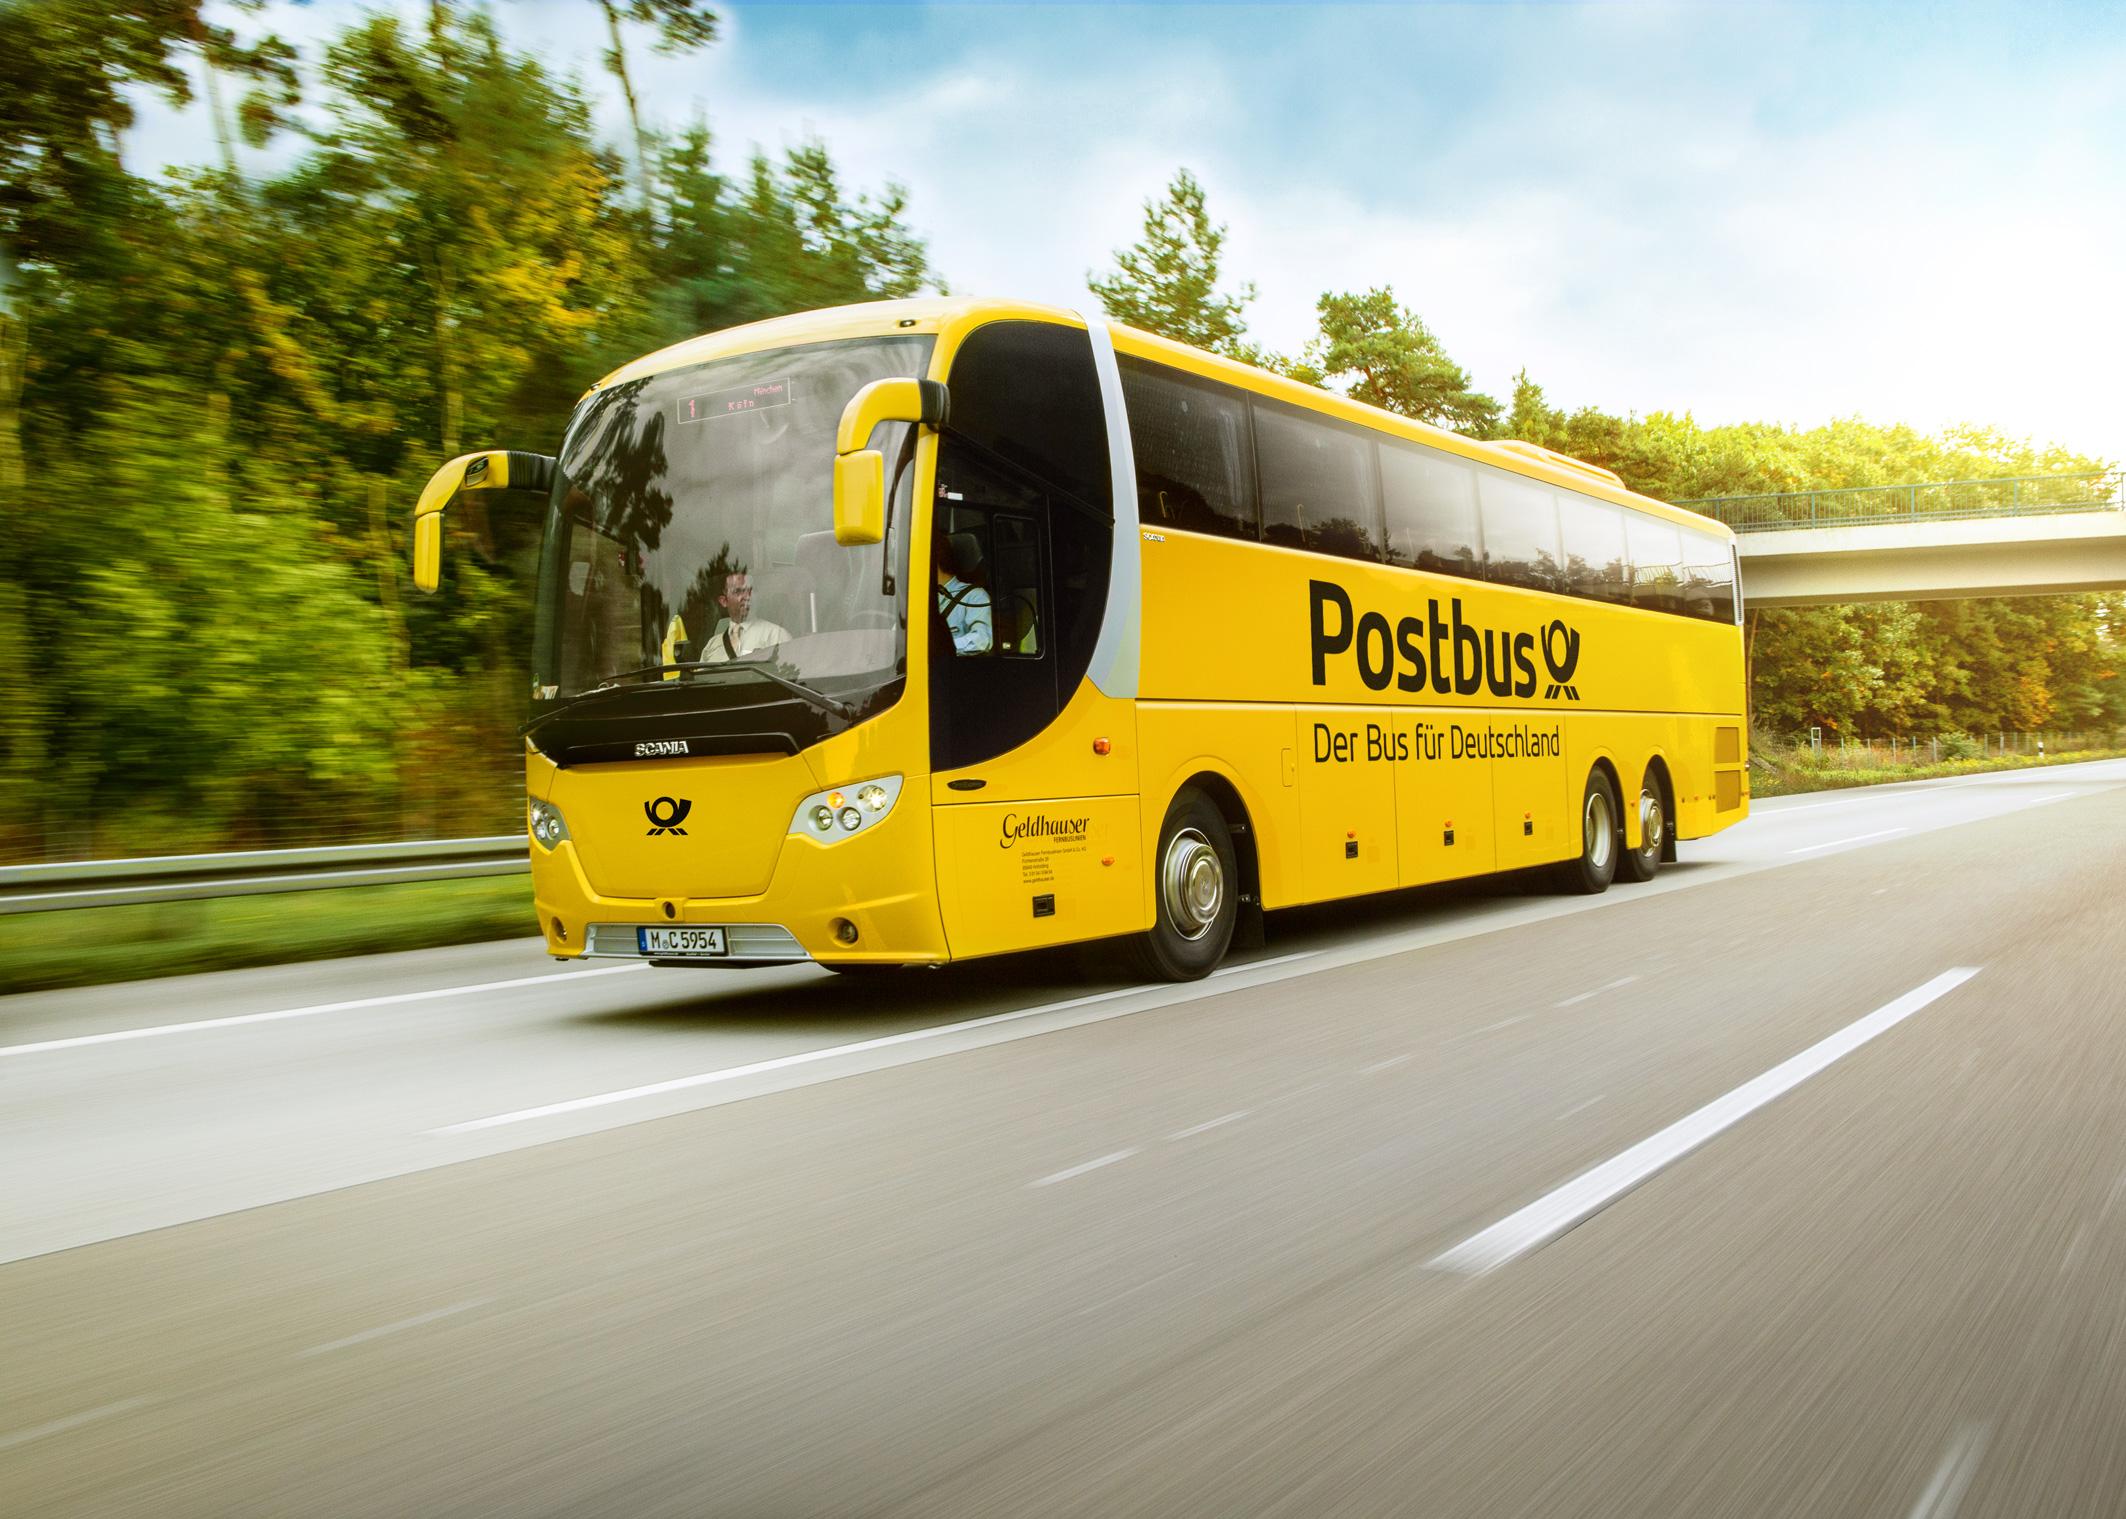 postbus gutschein 65 rabatt 6 tipps travel. Black Bedroom Furniture Sets. Home Design Ideas